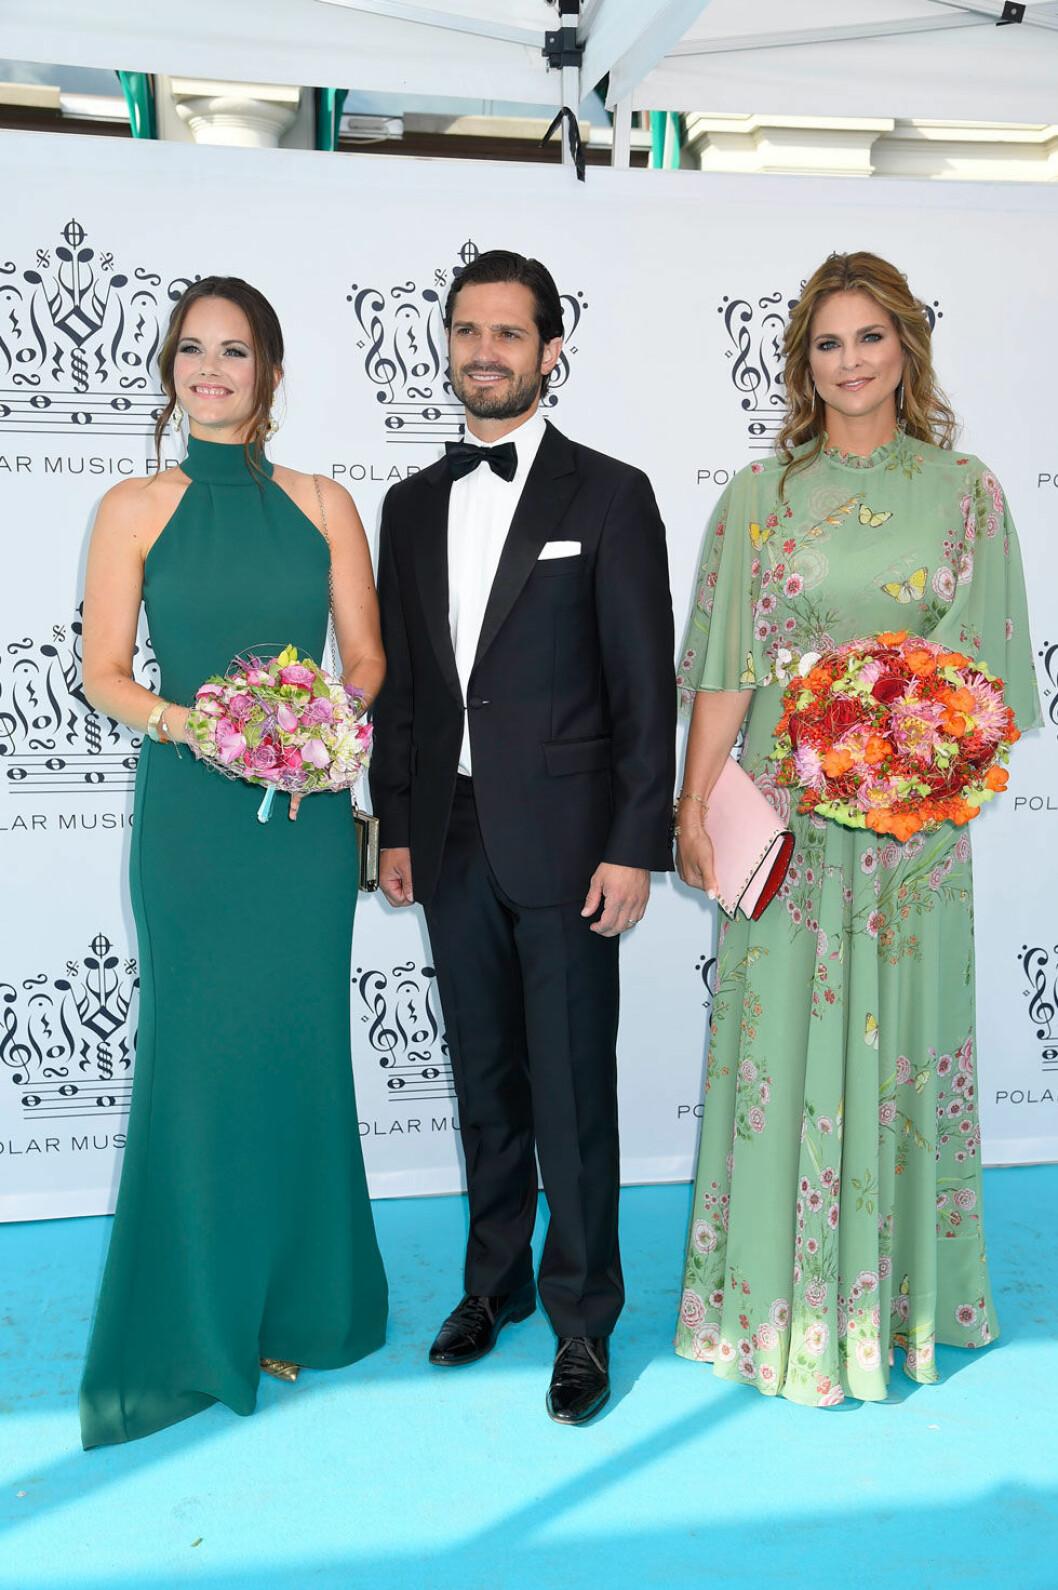 Sofia i grön klänning med hög hals. Madeleine har klänning från Giambattista Valli.